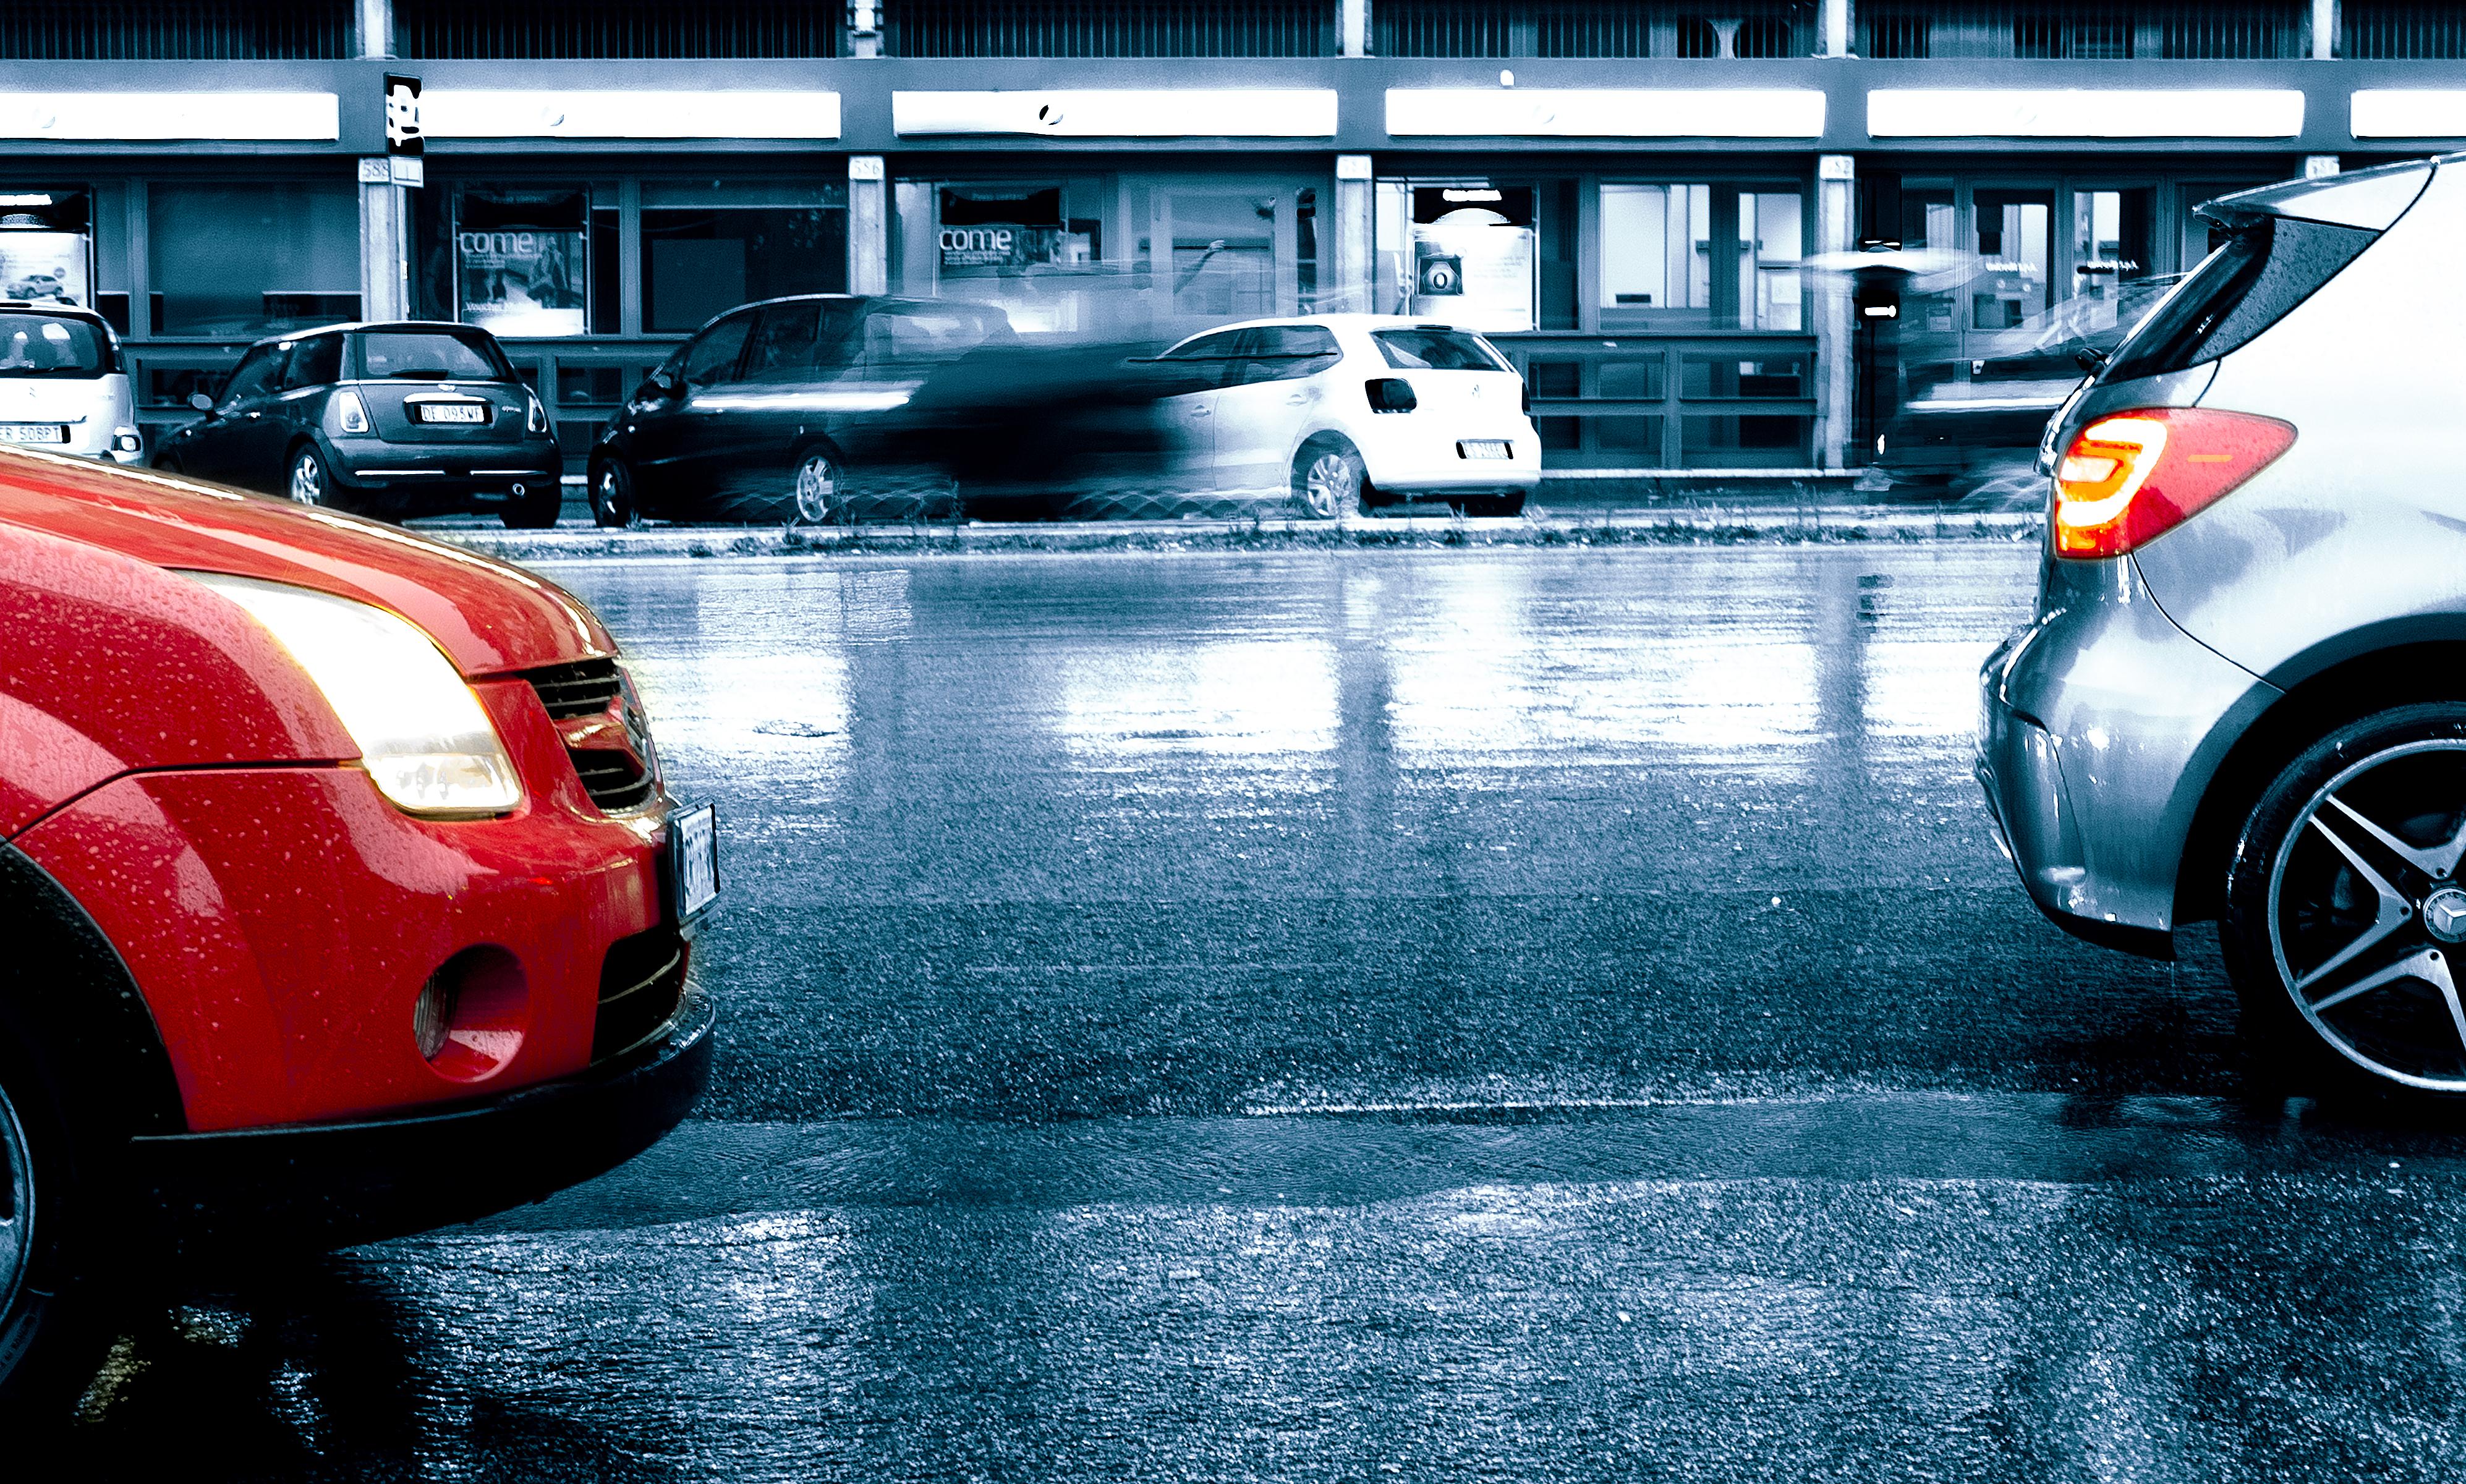 00A-1509 MONTIB CAR URB RAIN X10, 2015, Public domain, Lights, Mercedes, HQ Photo